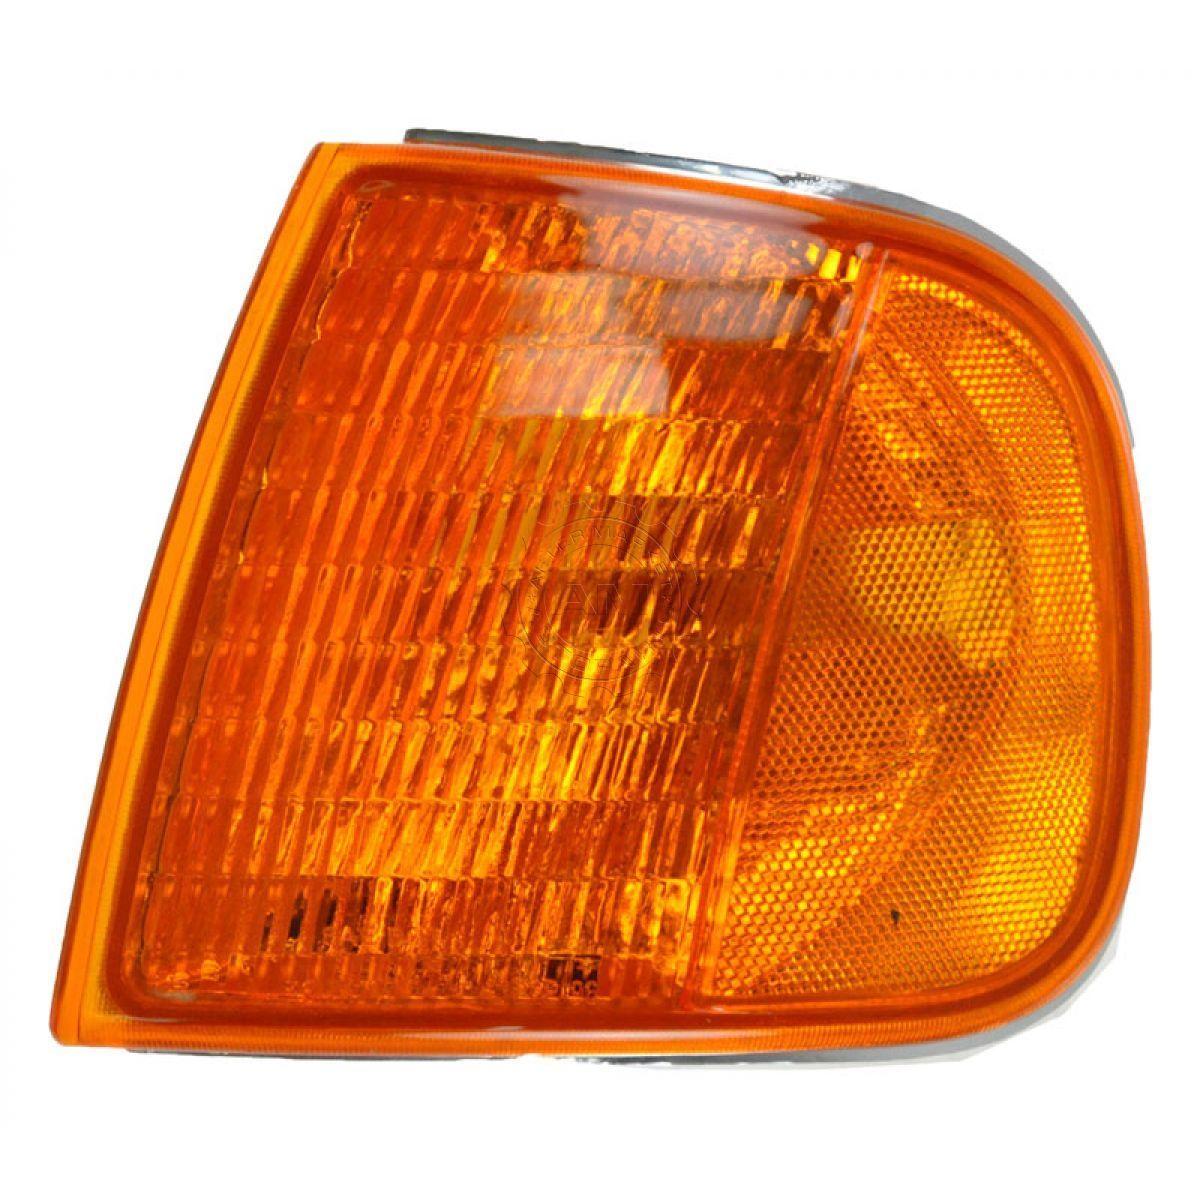 コーナーライト Corner Parking Light Left Driver Side LH for 04 Ford F150 Heritage Pickup Truck コーナーパーキングライト左側のドライバーサイドLH for 04 Ford F150 Heritage Pickup Truck